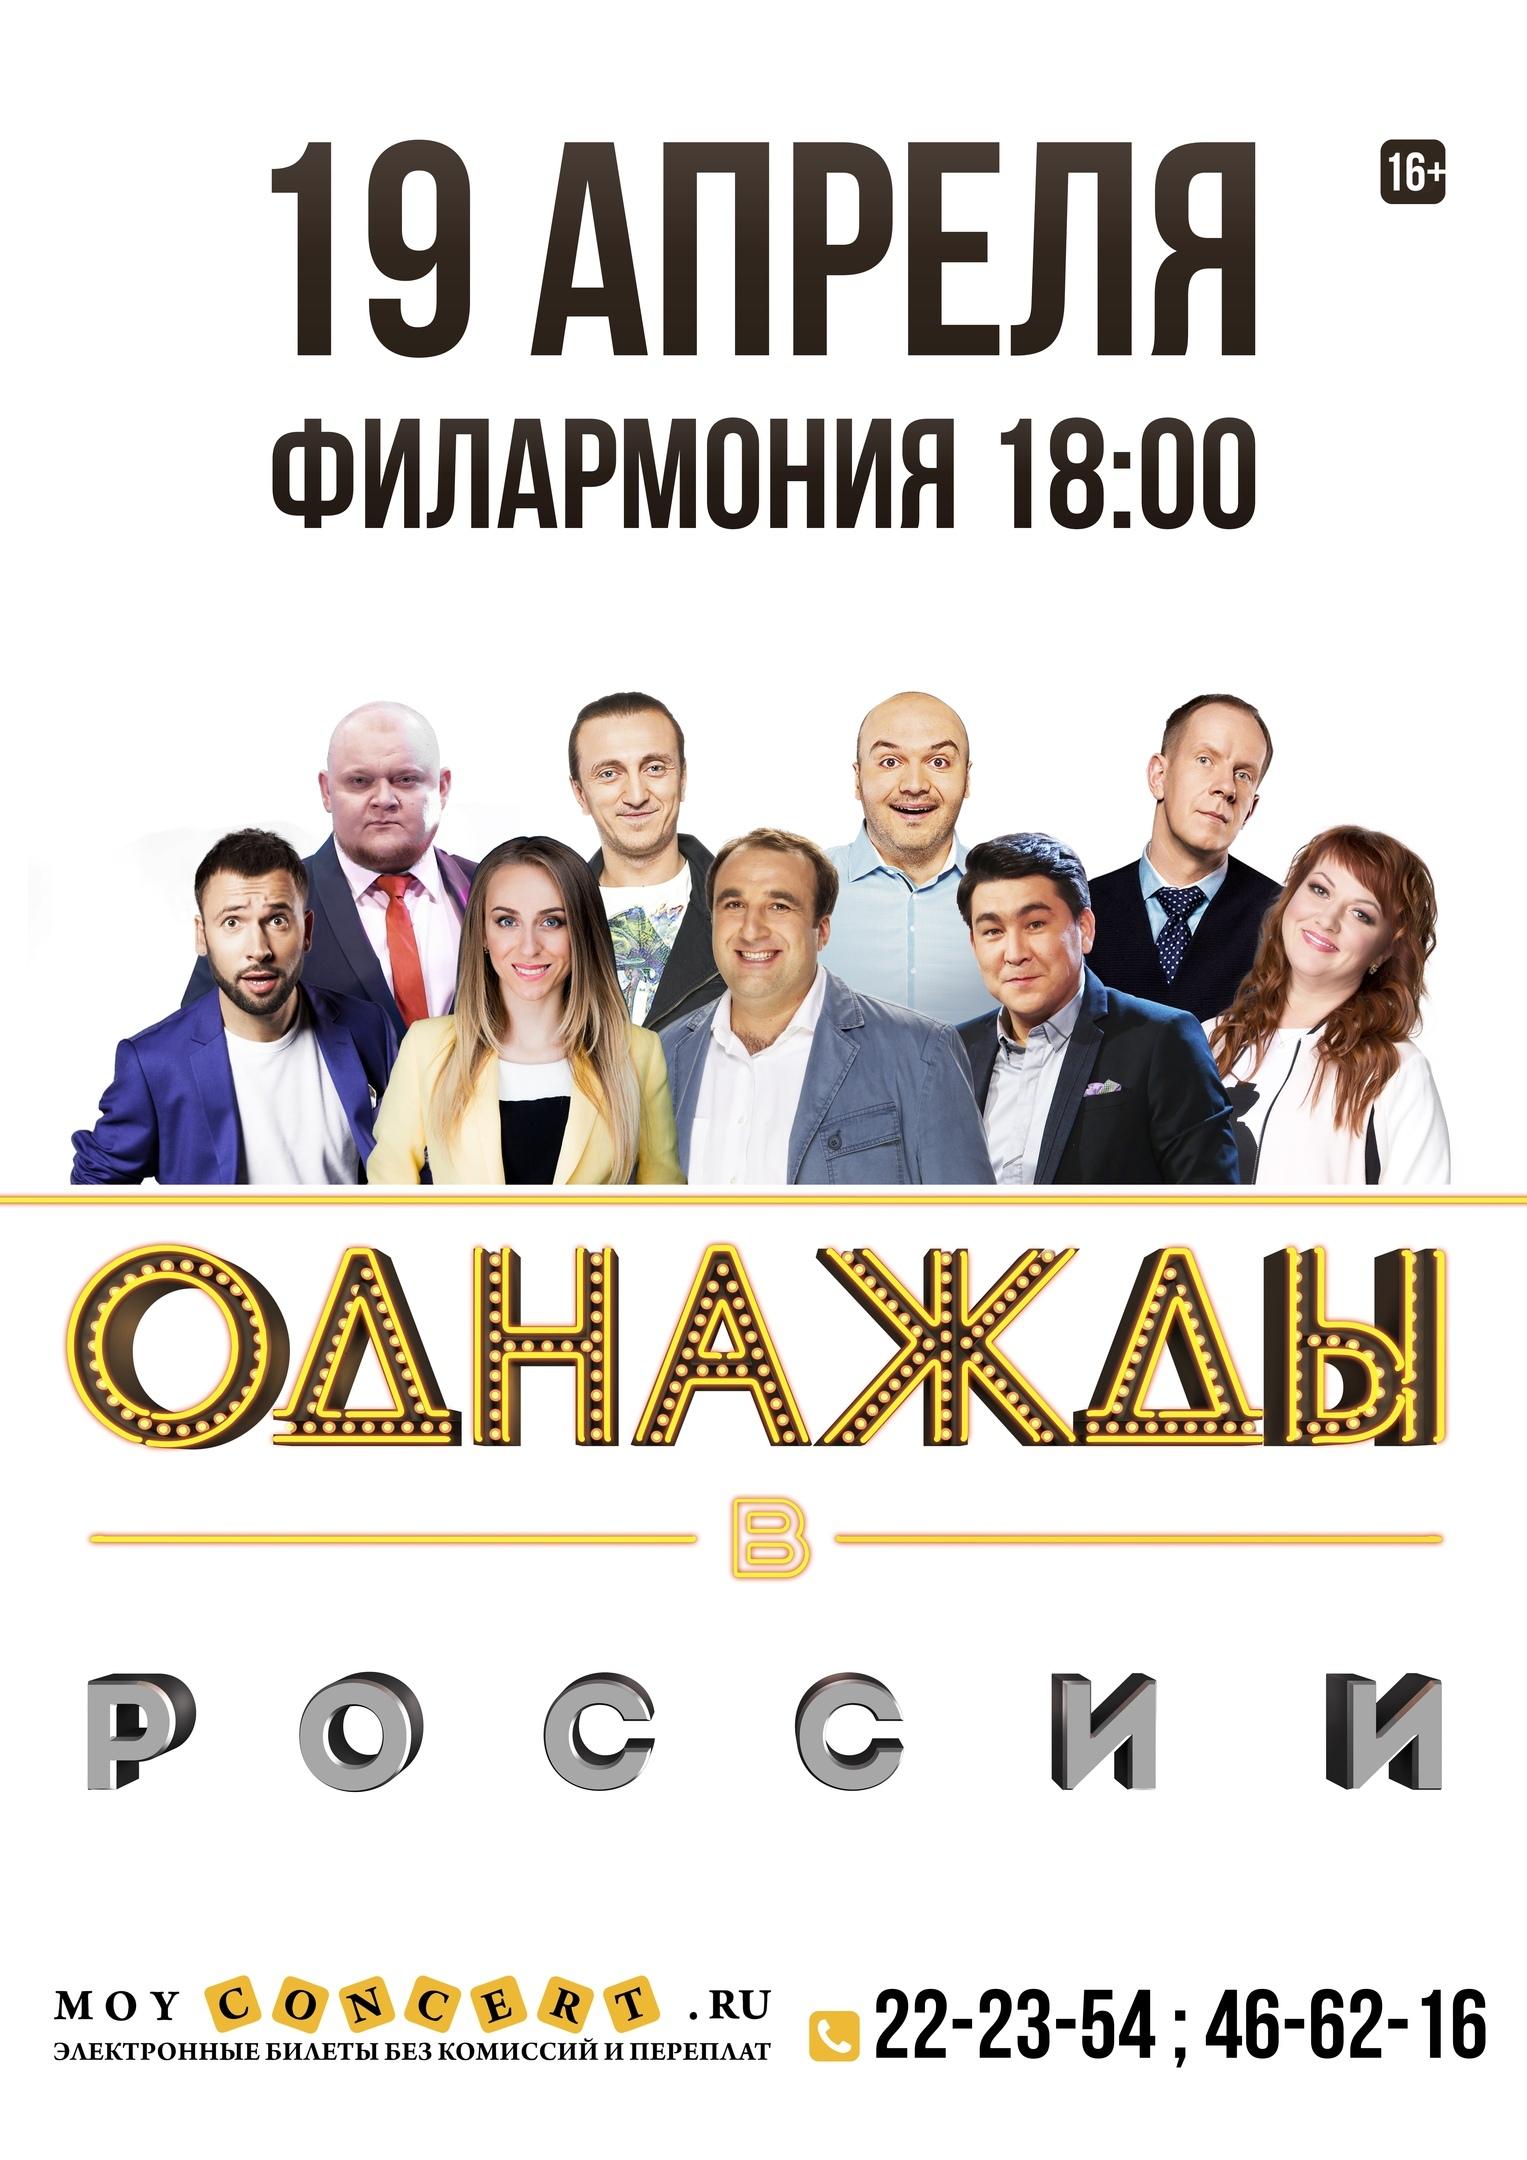 Курганская областная филармония Юмористическое шоу «Однажды в России» курган афиша расписание